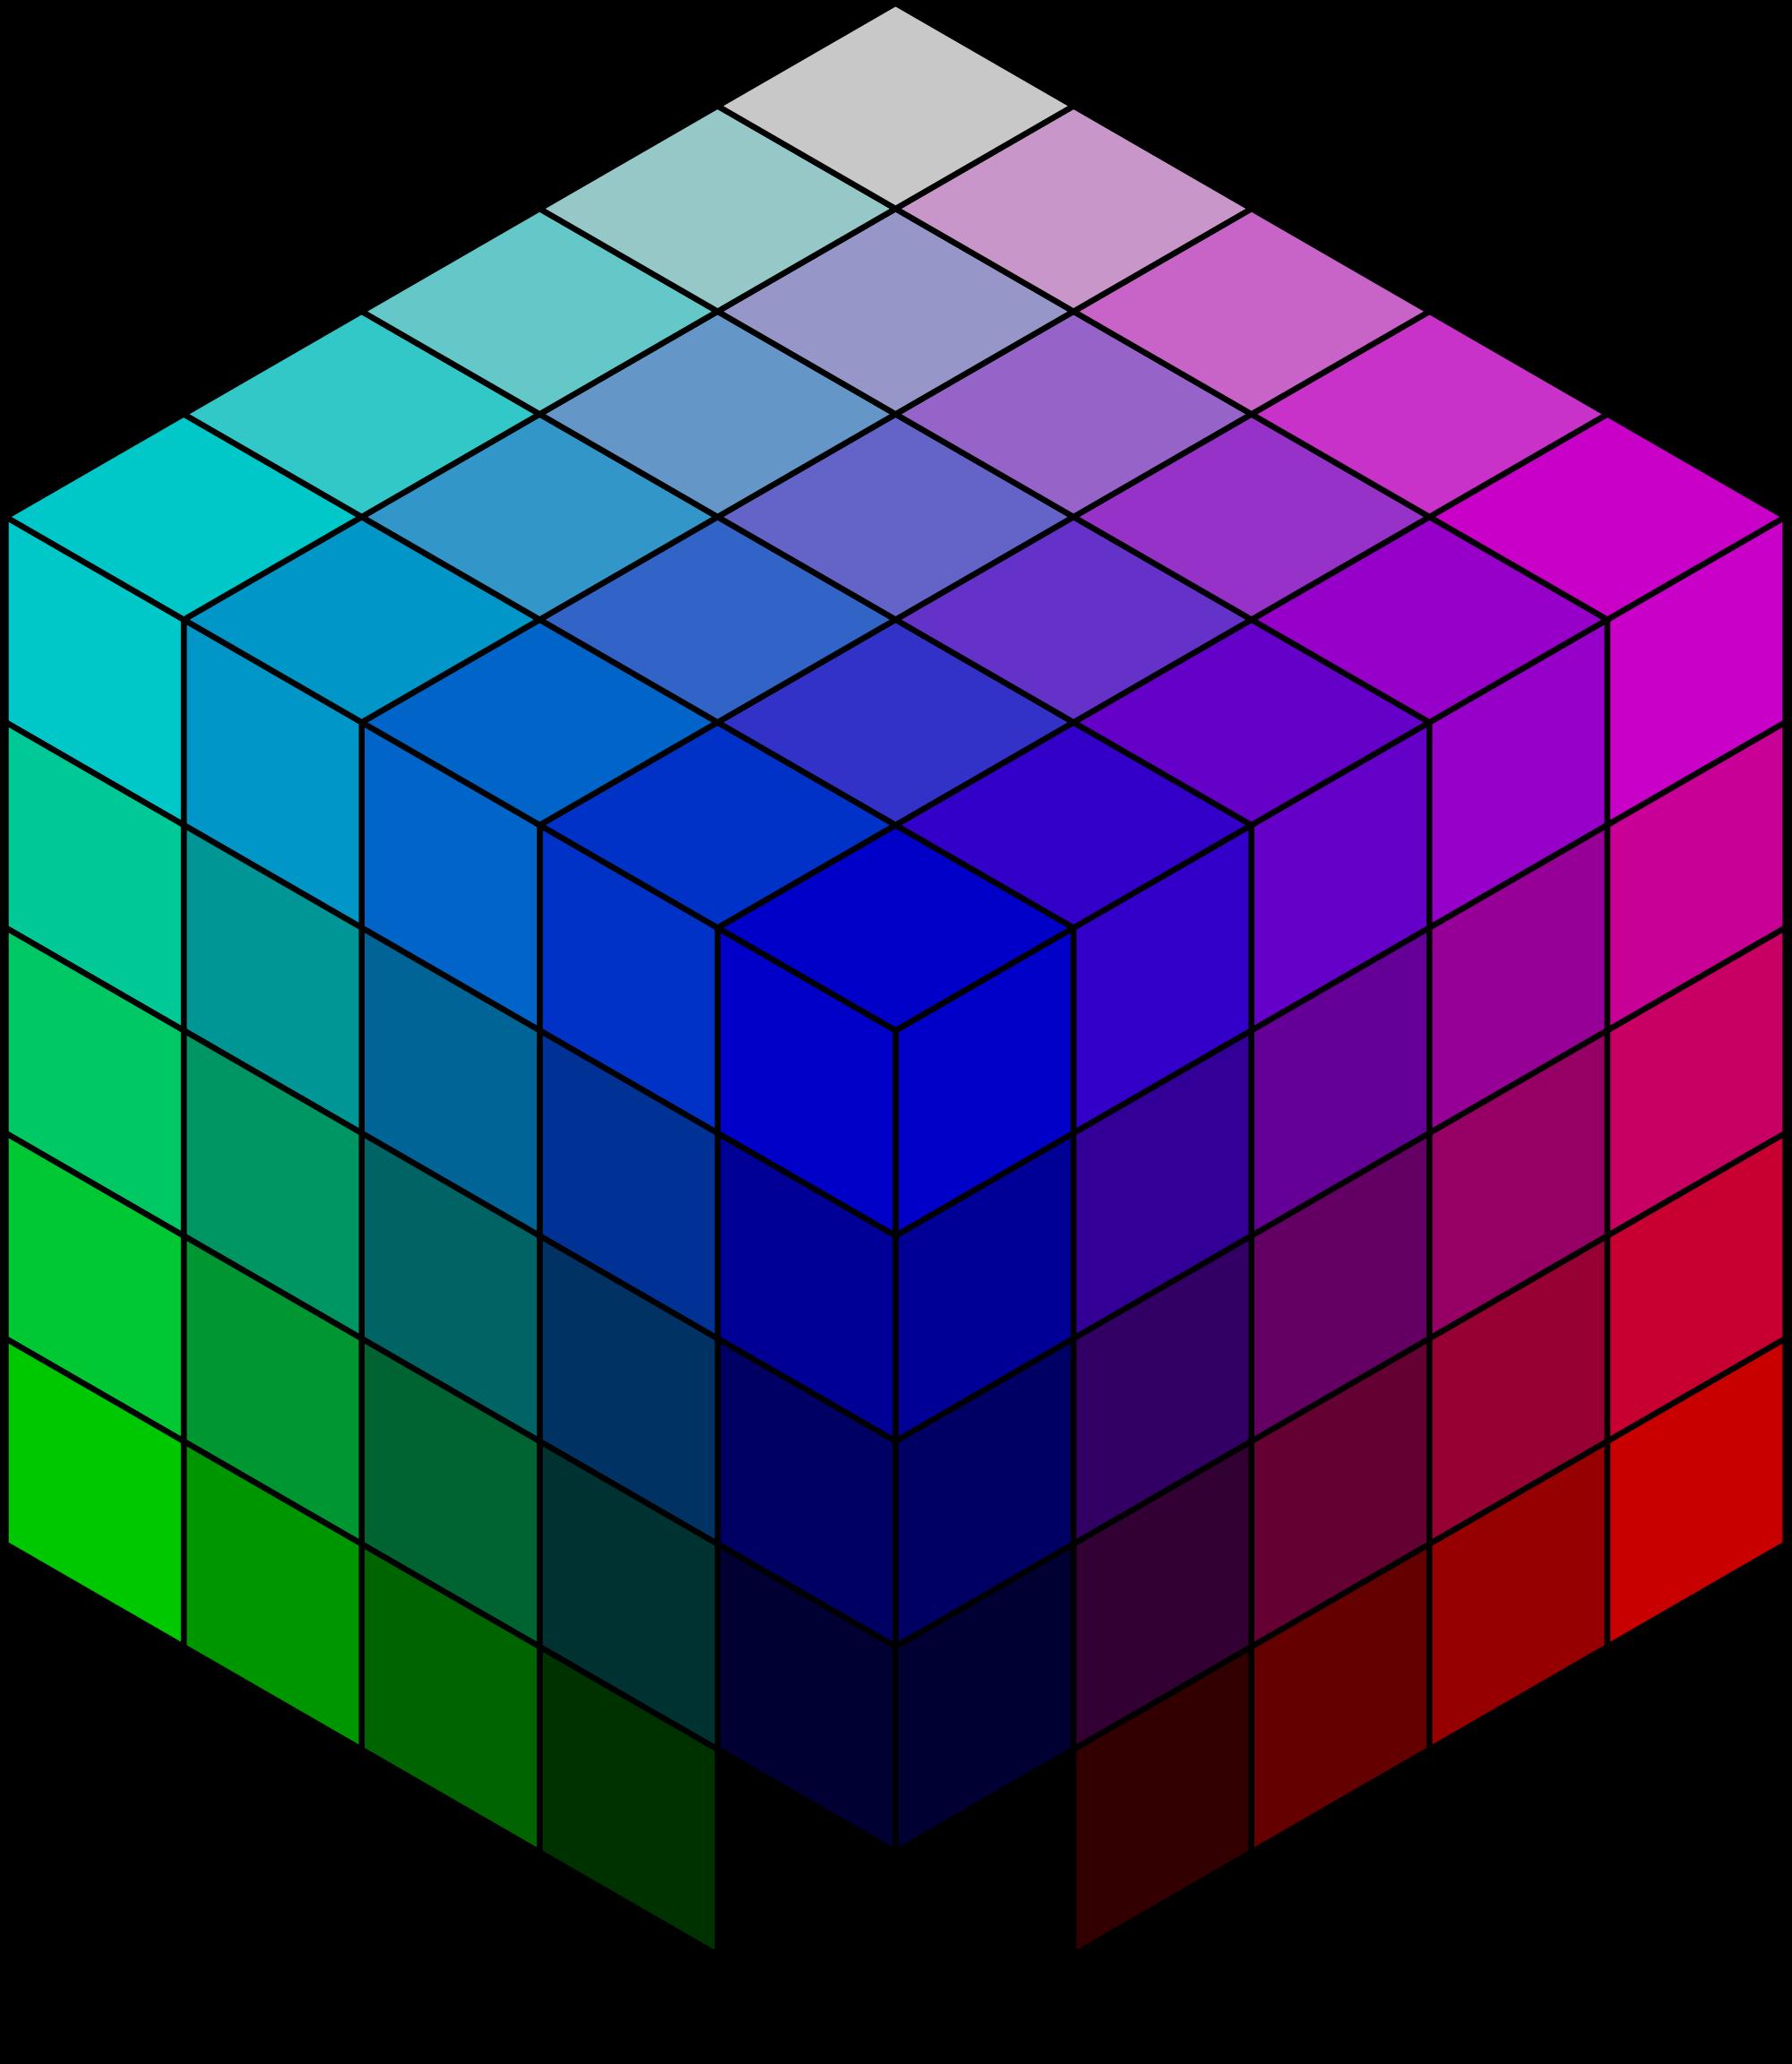 Square clipart rgb. File x color cube